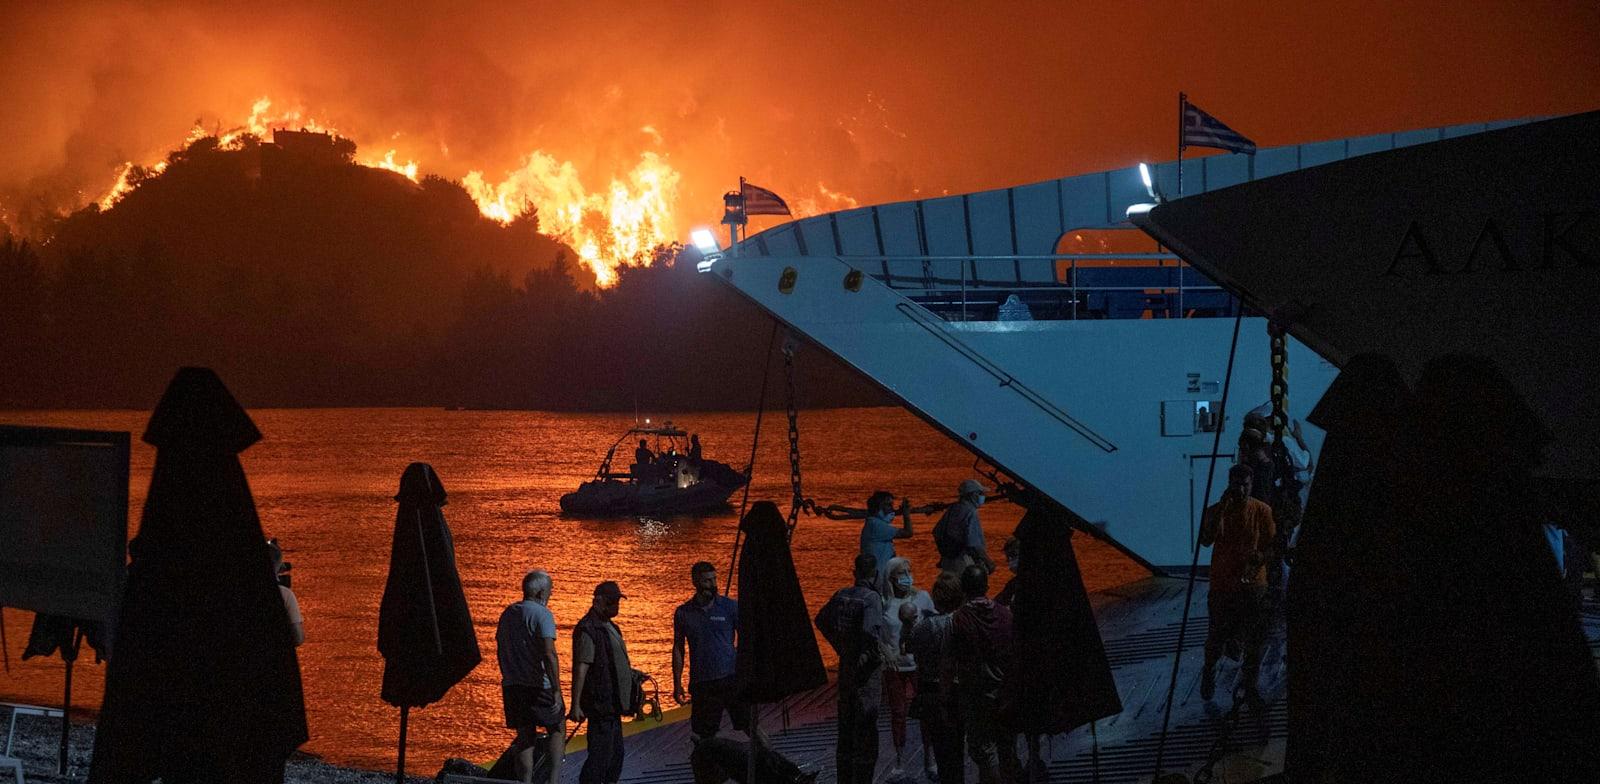 השריפות ביוון. אוגוסט השנה / צילום: Reuters, Nicolas Economou